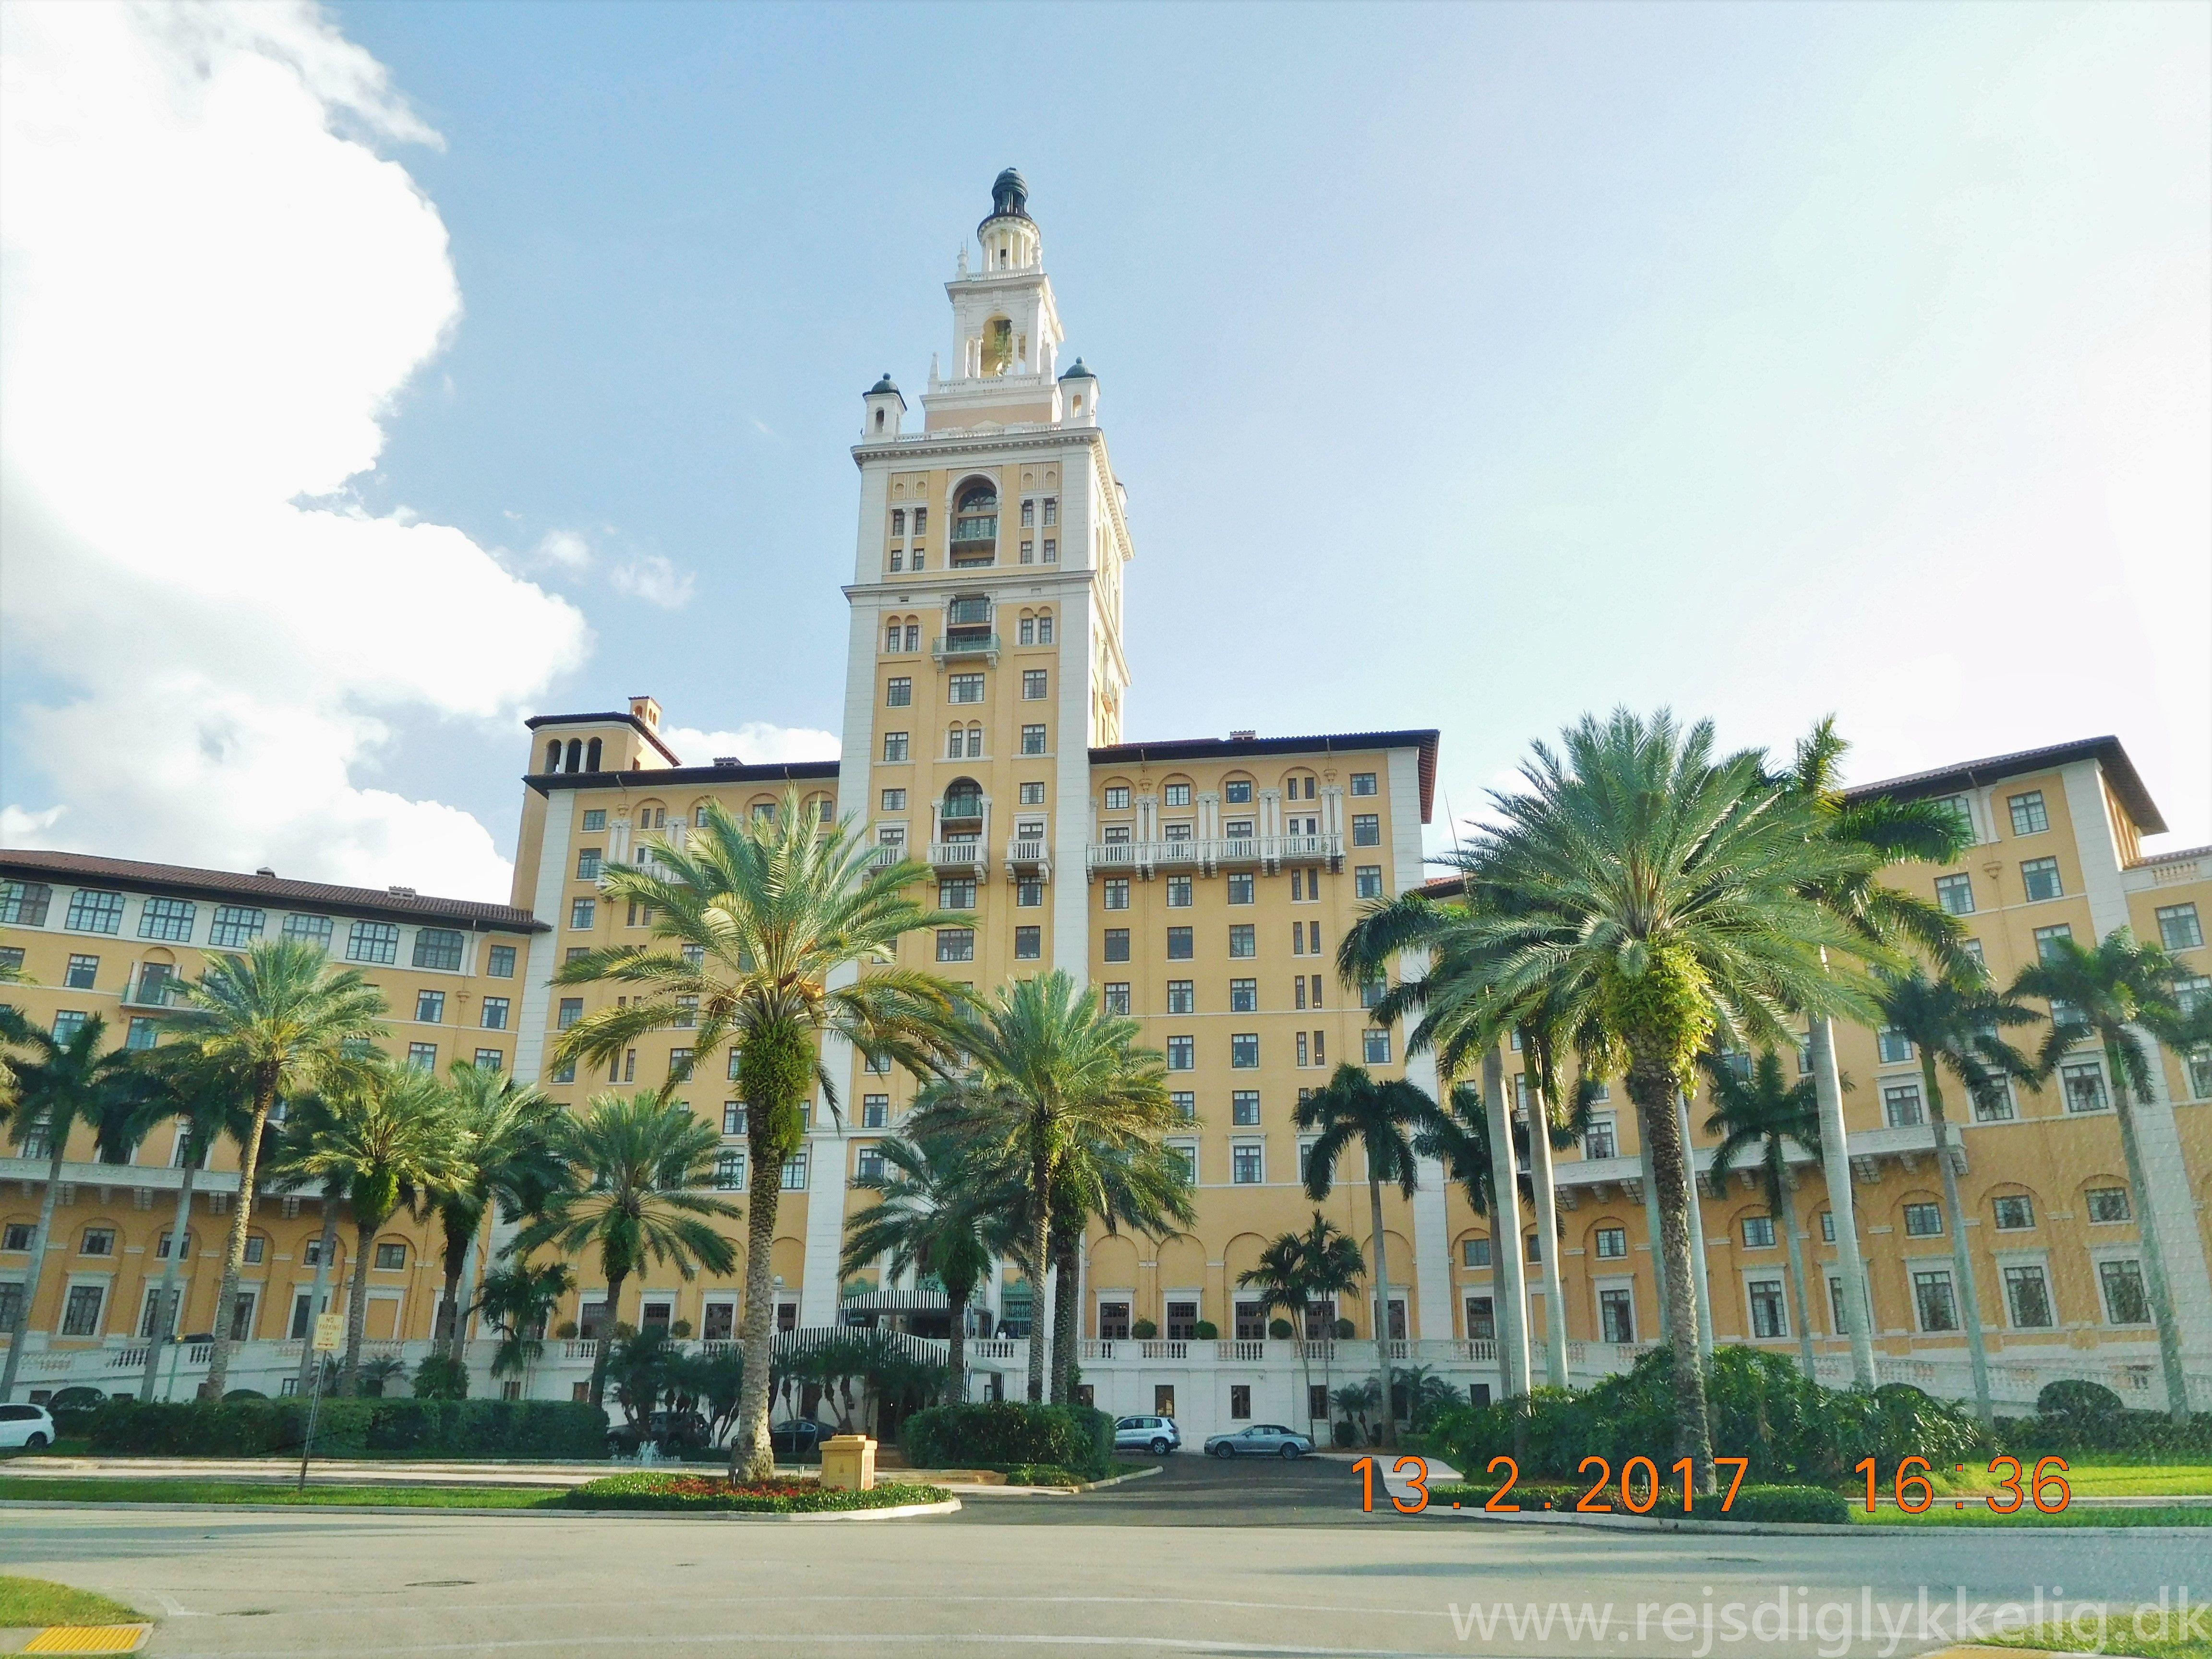 Biltmore Hotel i Miami